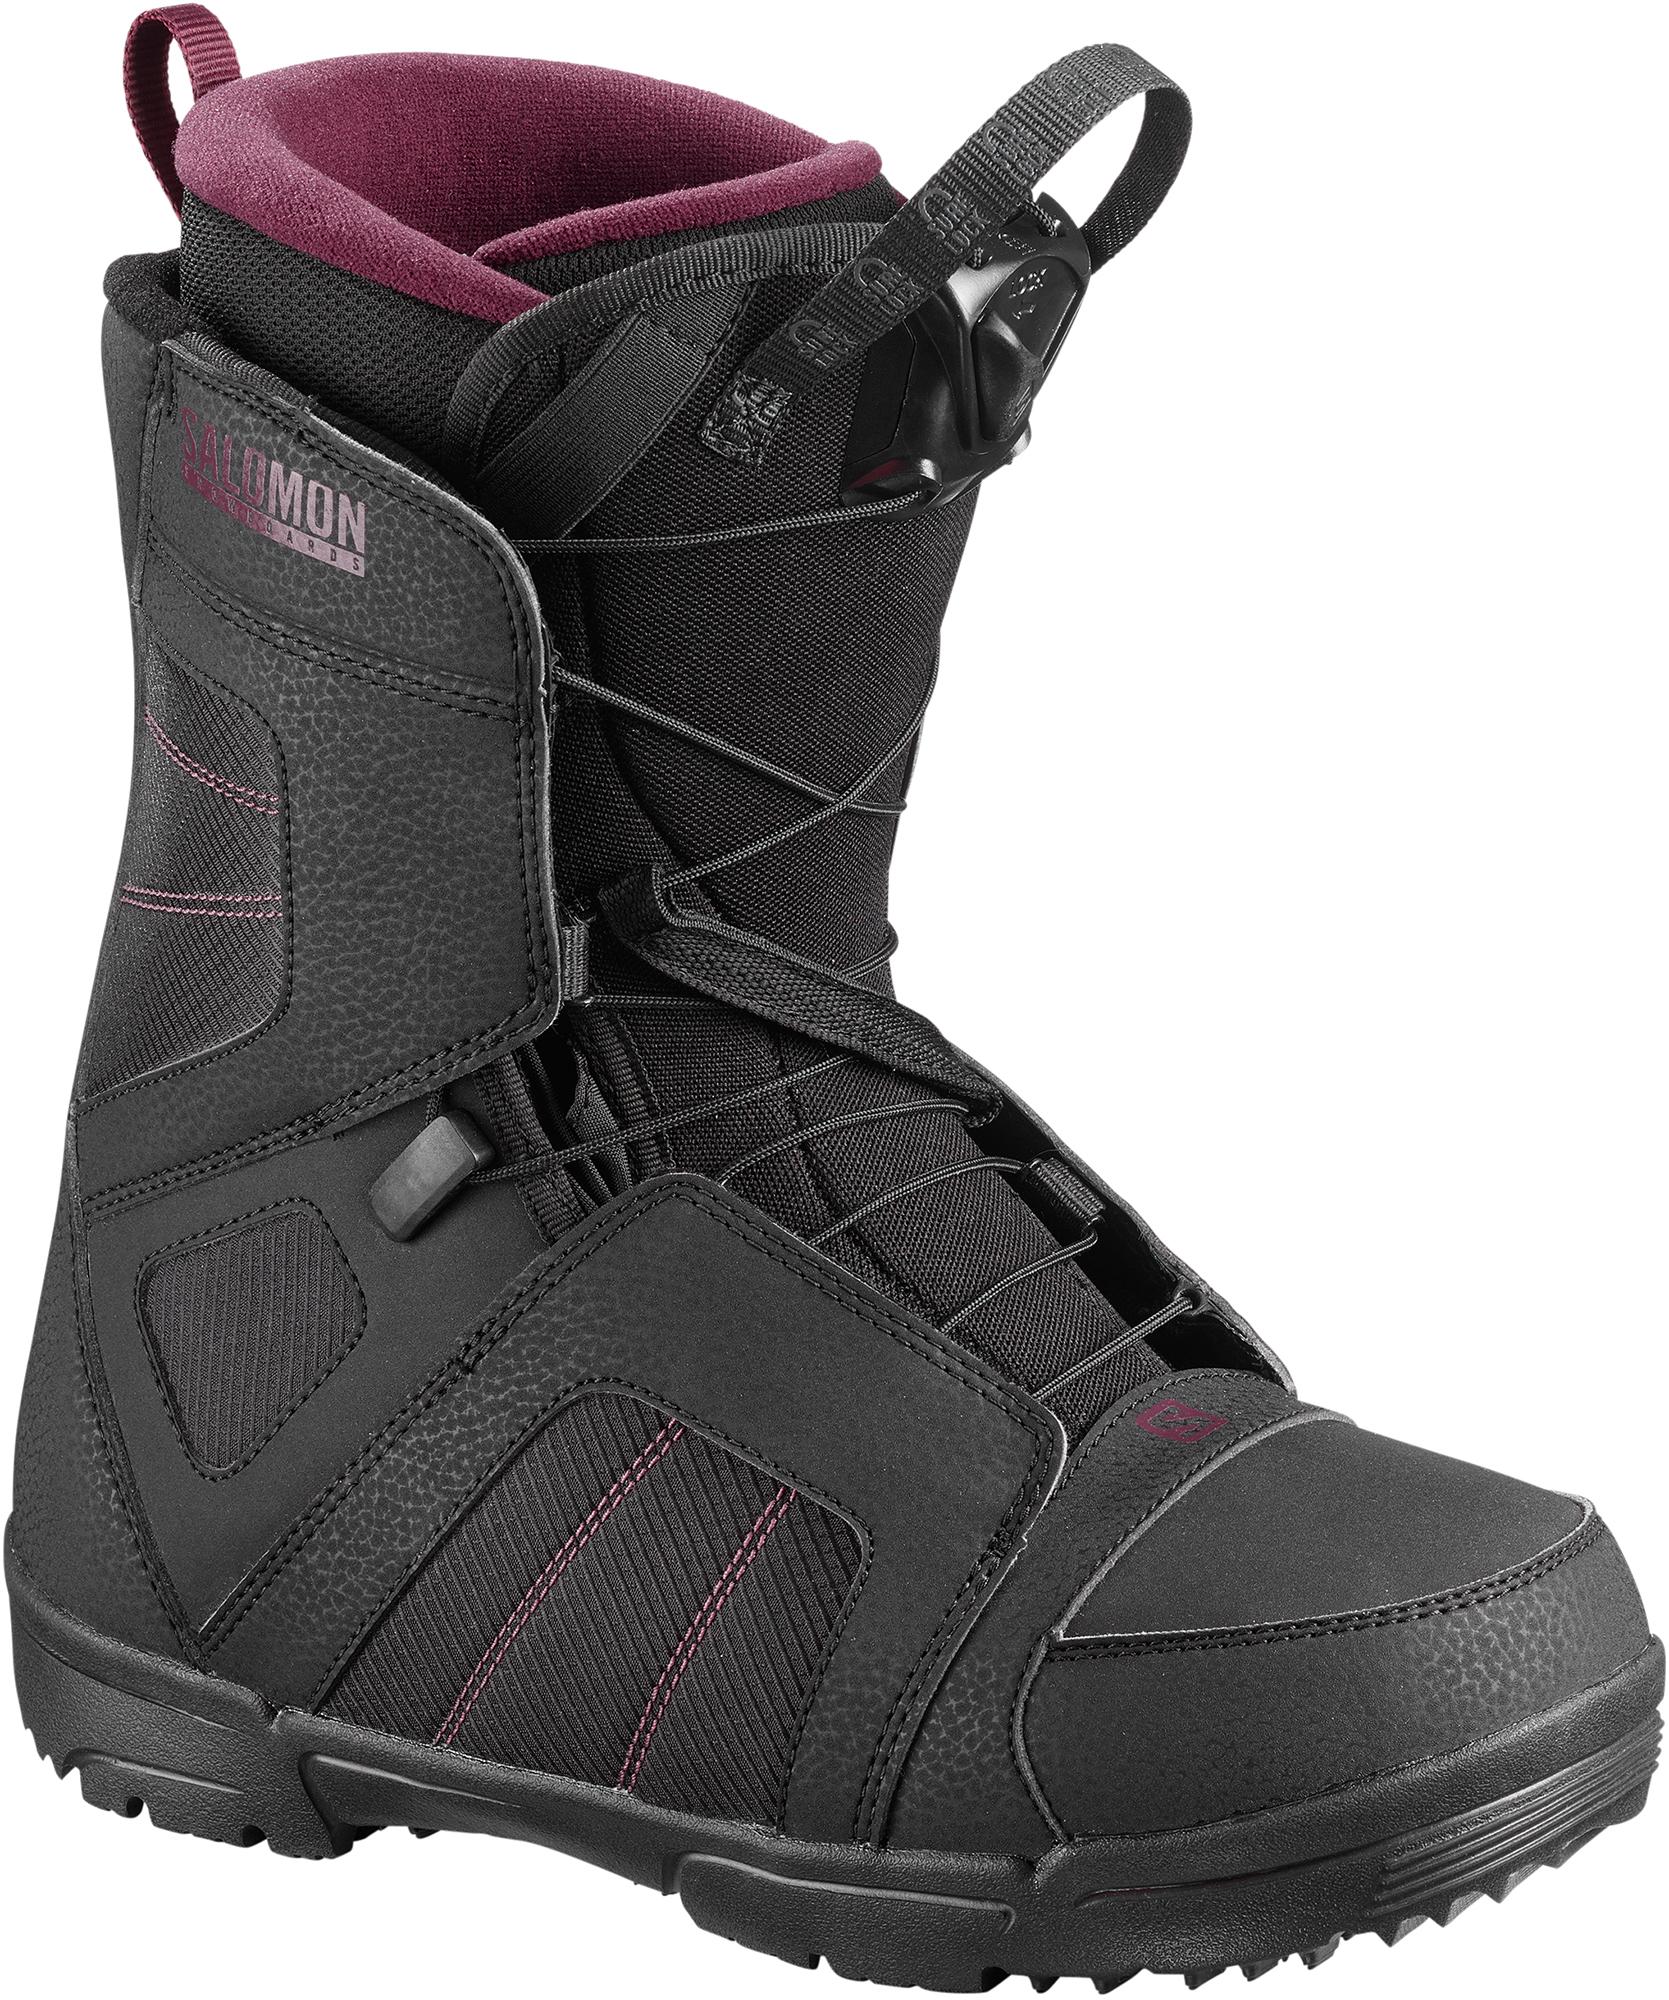 Salomon Сноубордические ботинки женские Scarlet, размер 36,5